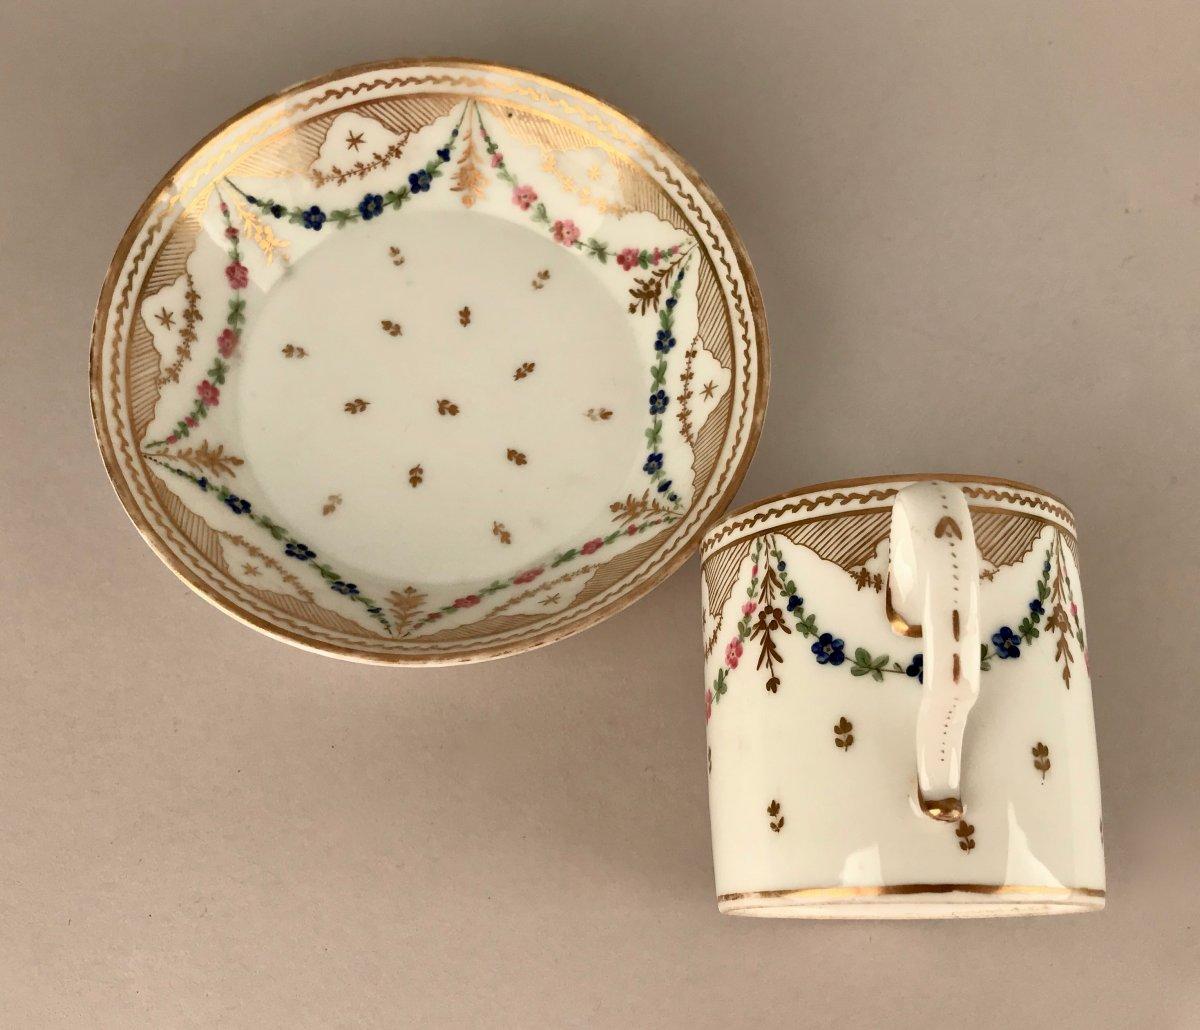 NAST. Tasse En Porcelaine XIXème siècle-photo-4